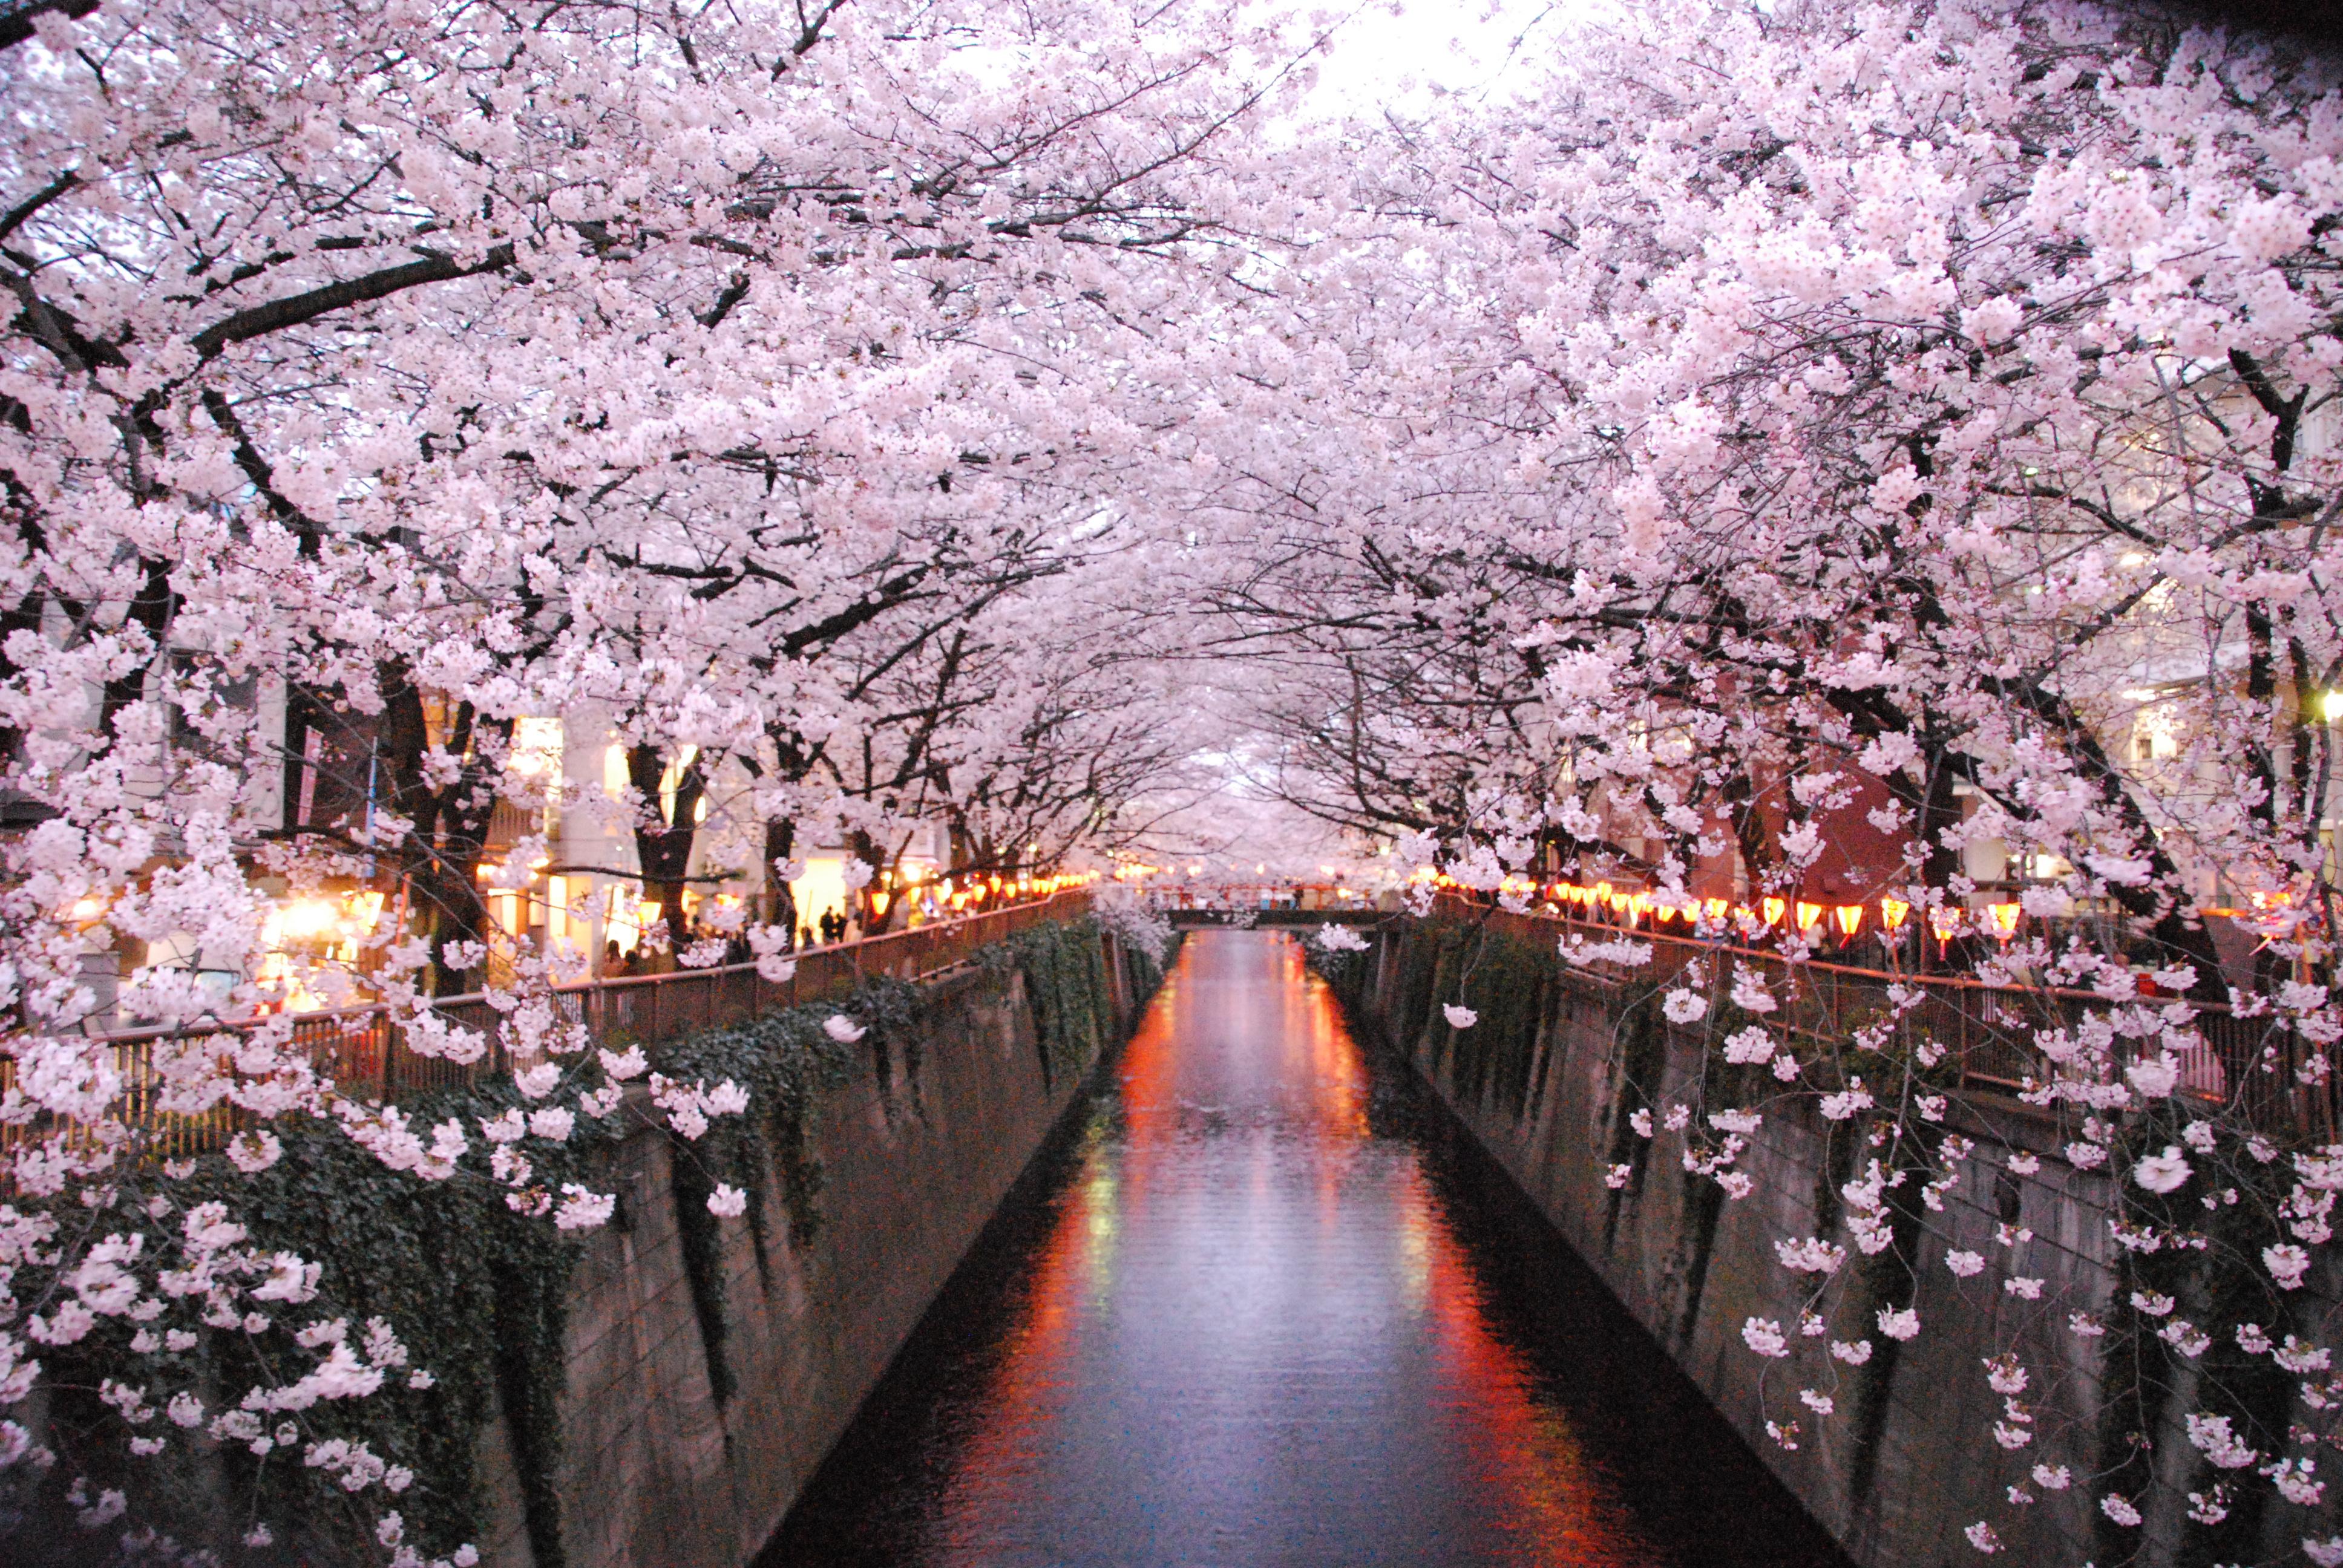 目黒川沿いのお花見スポット特集!お花見出来るレストラン&クルーズも紹介 | Pinky[ピンキ-]